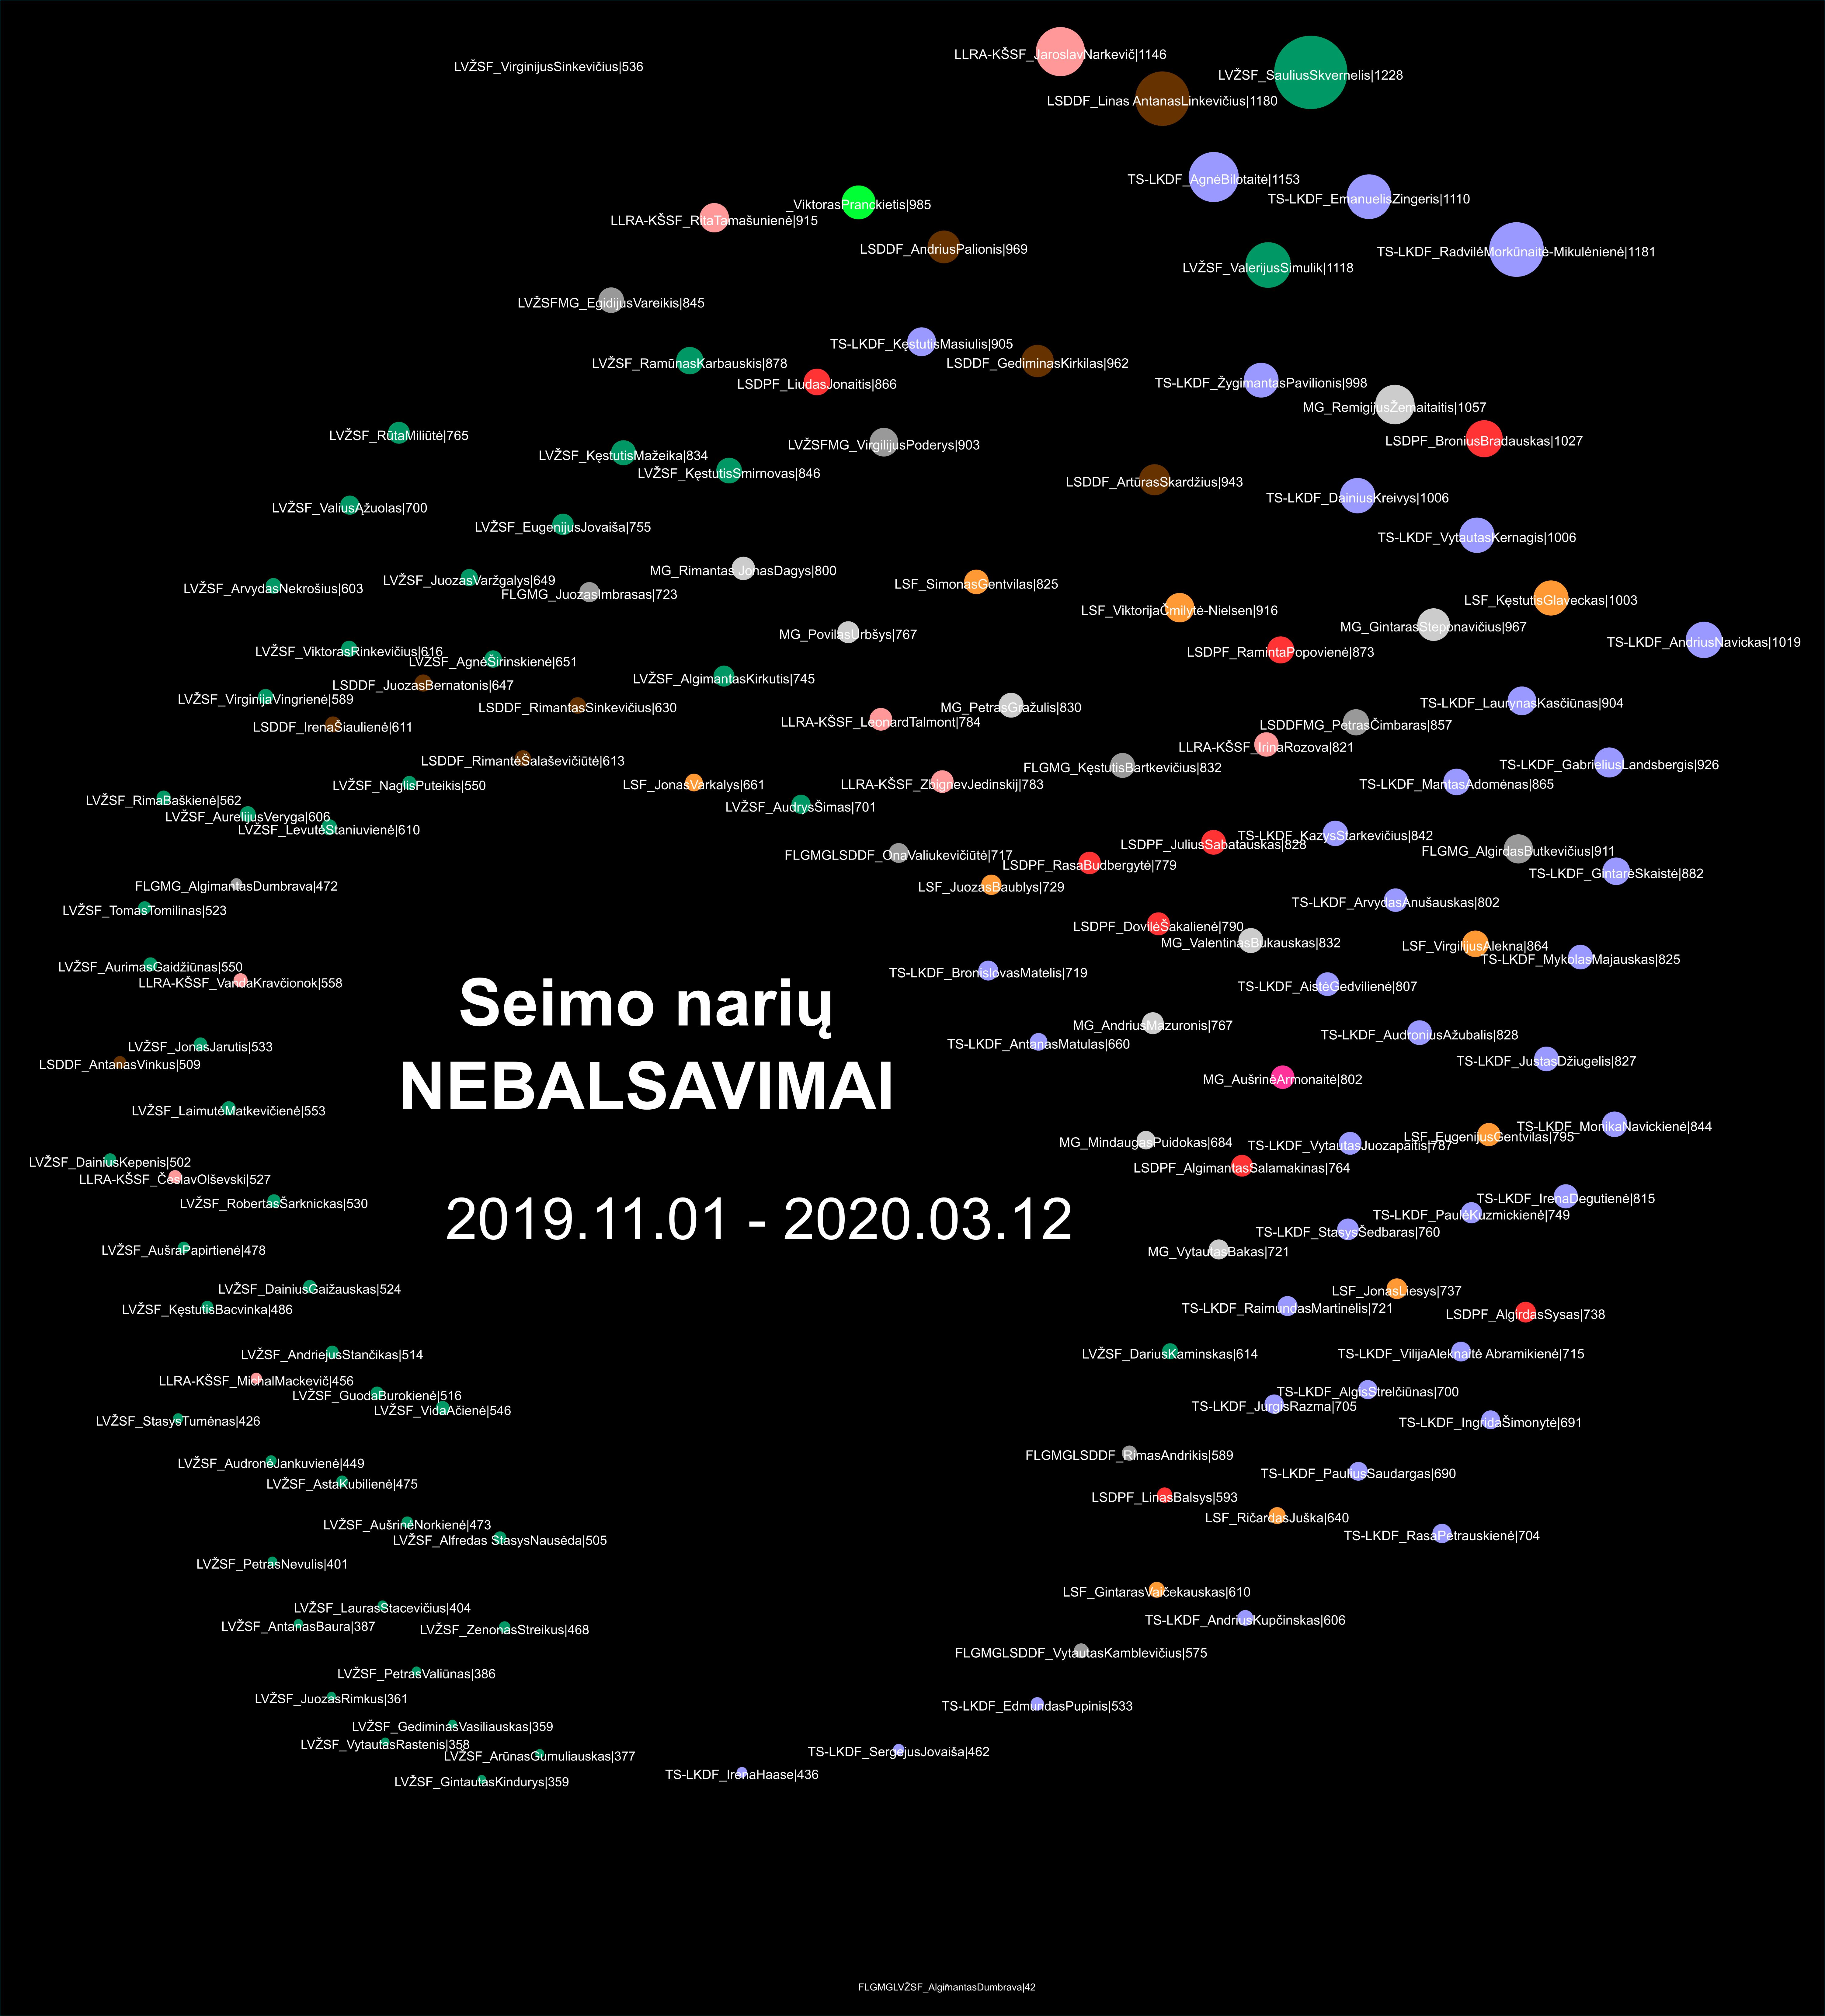 Seimo narių NEBALSAVIMAI nuo 2019-11-01 iki 2020-03-12.